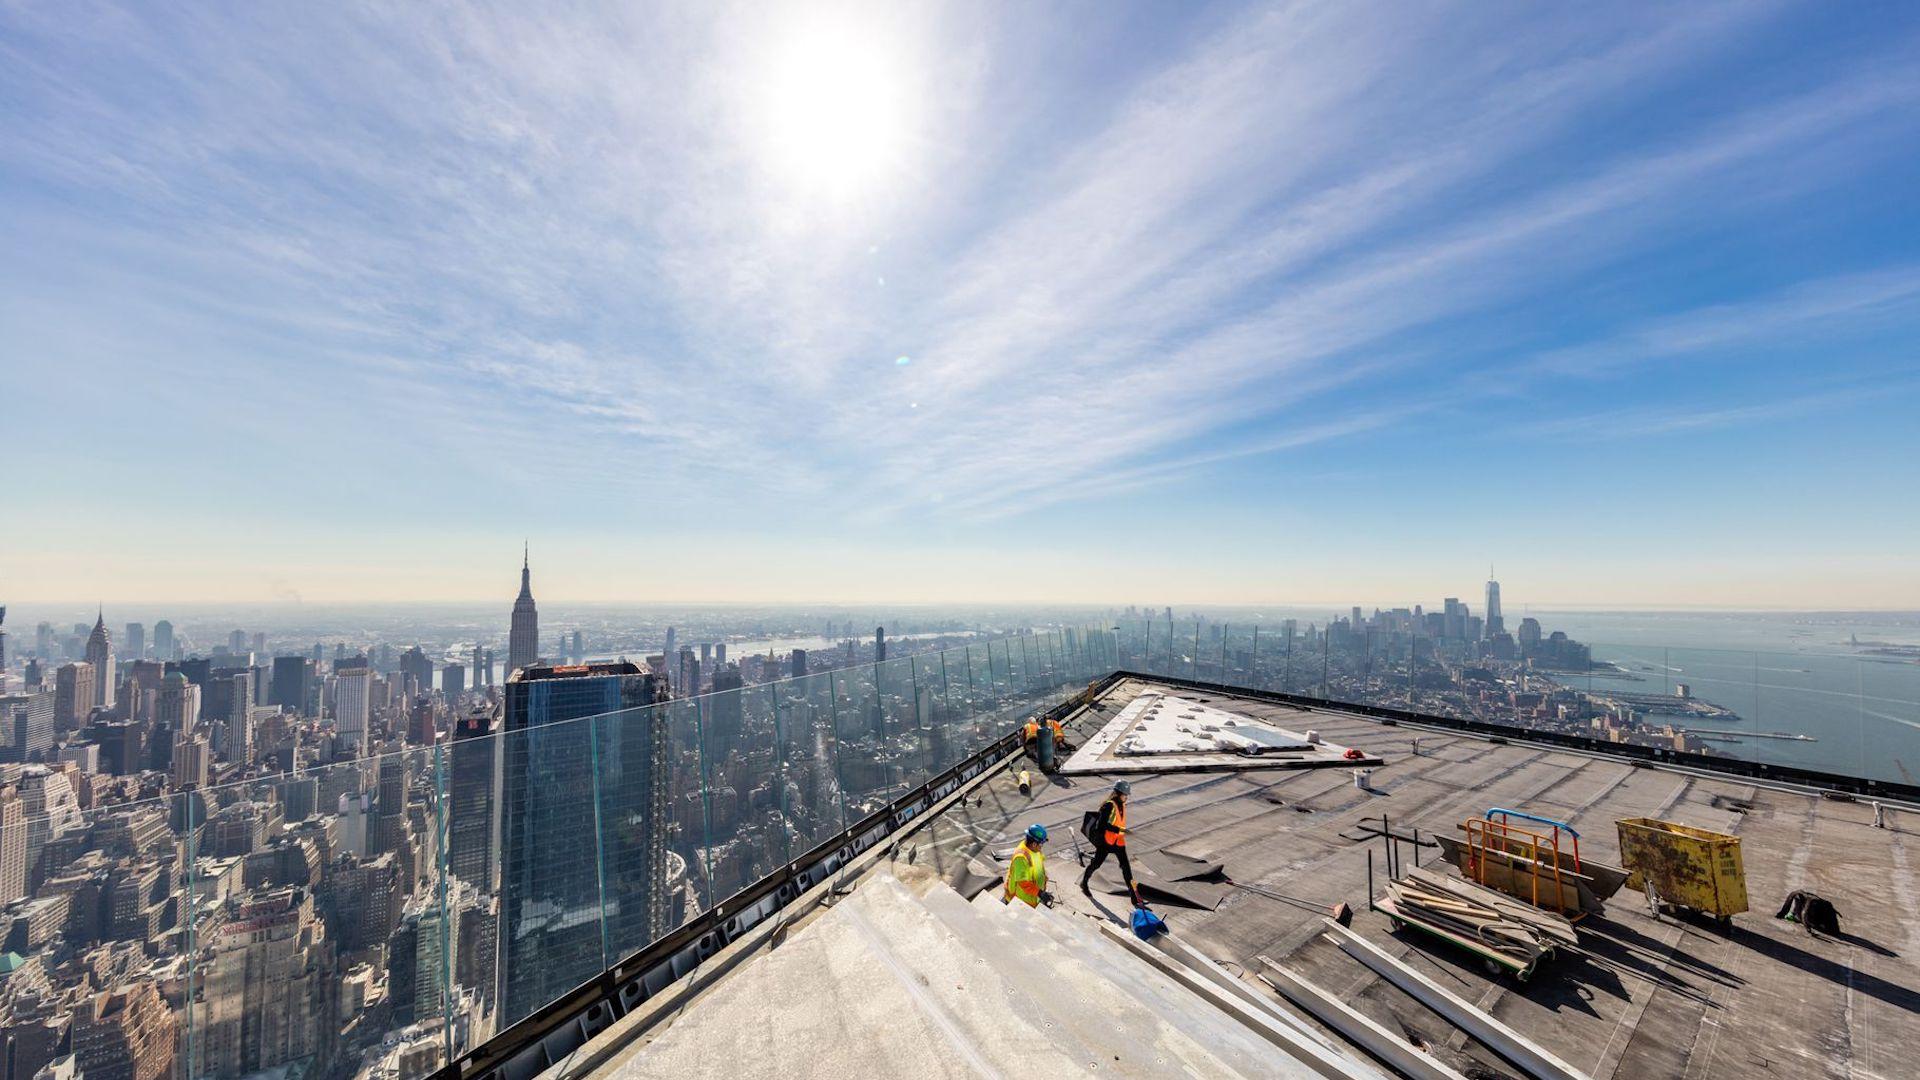 Edge, el nuevo mirador de Nueva York: toda la información